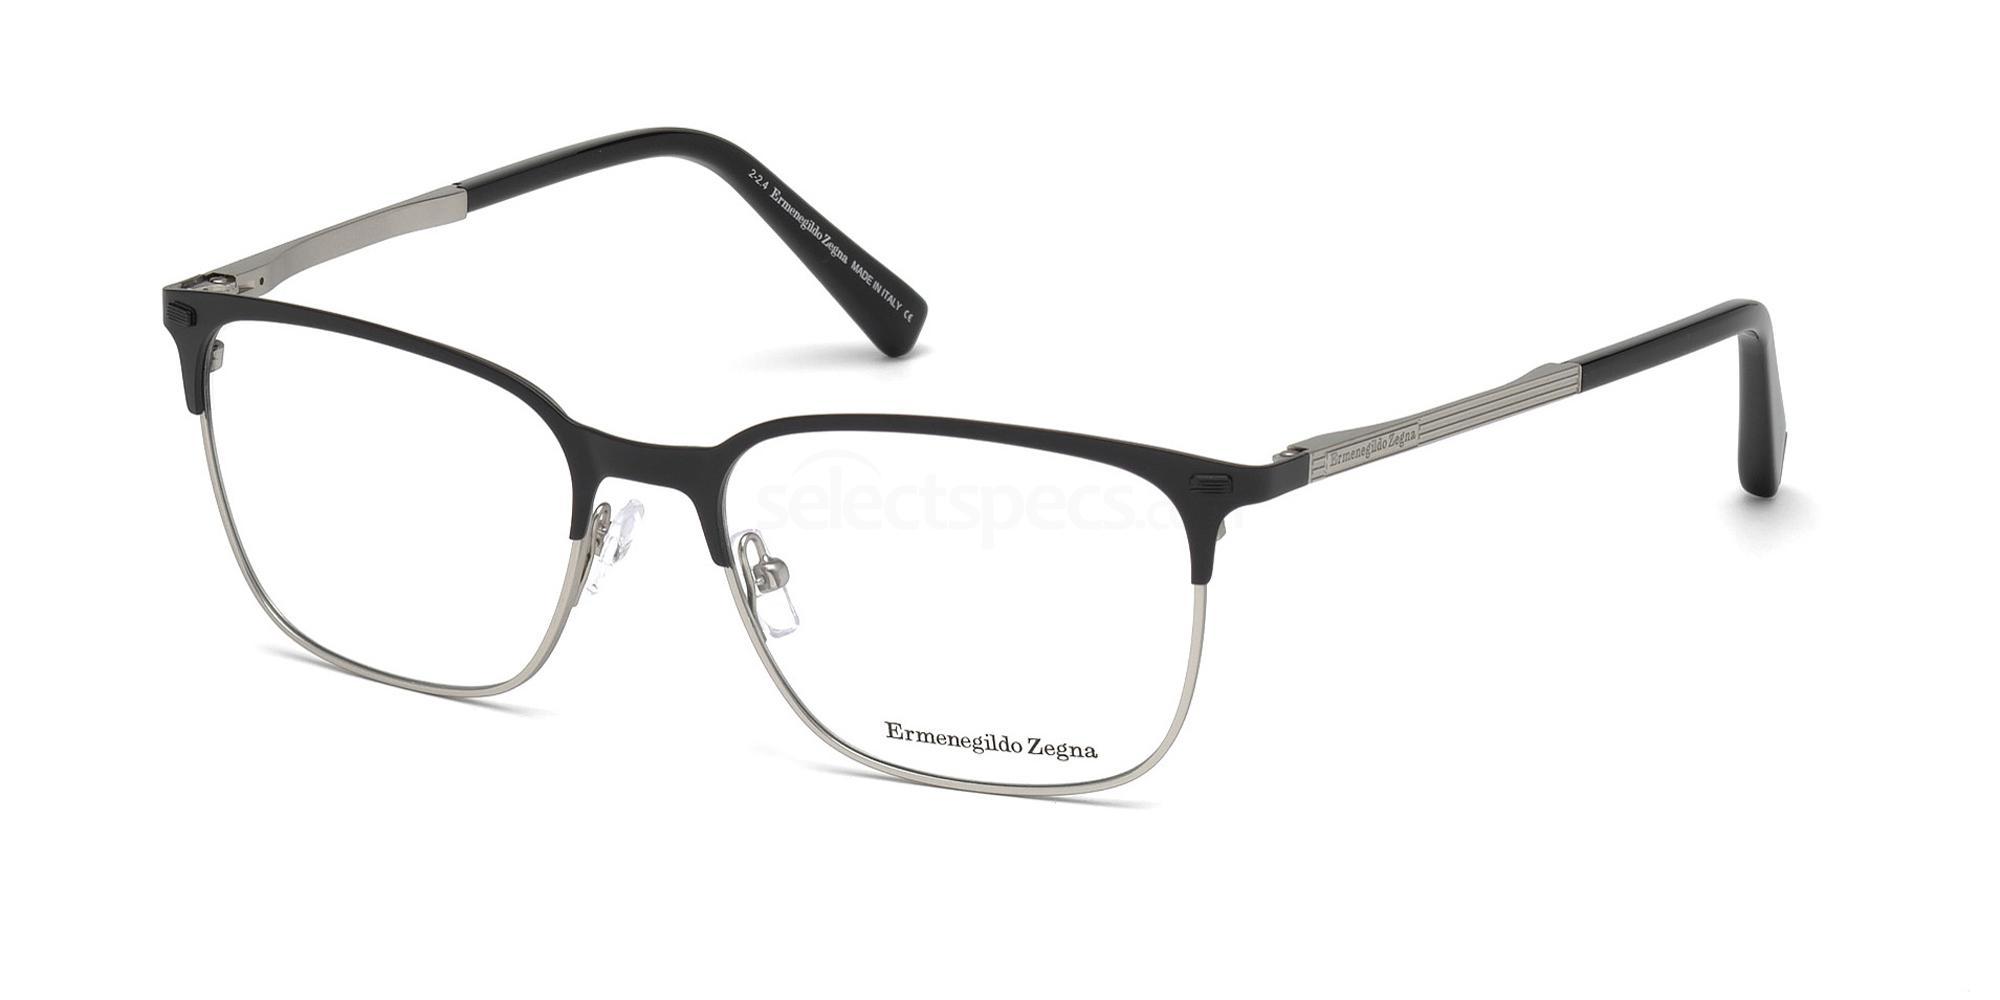 002 EZ5019 Glasses, Ermenegildo Zegna